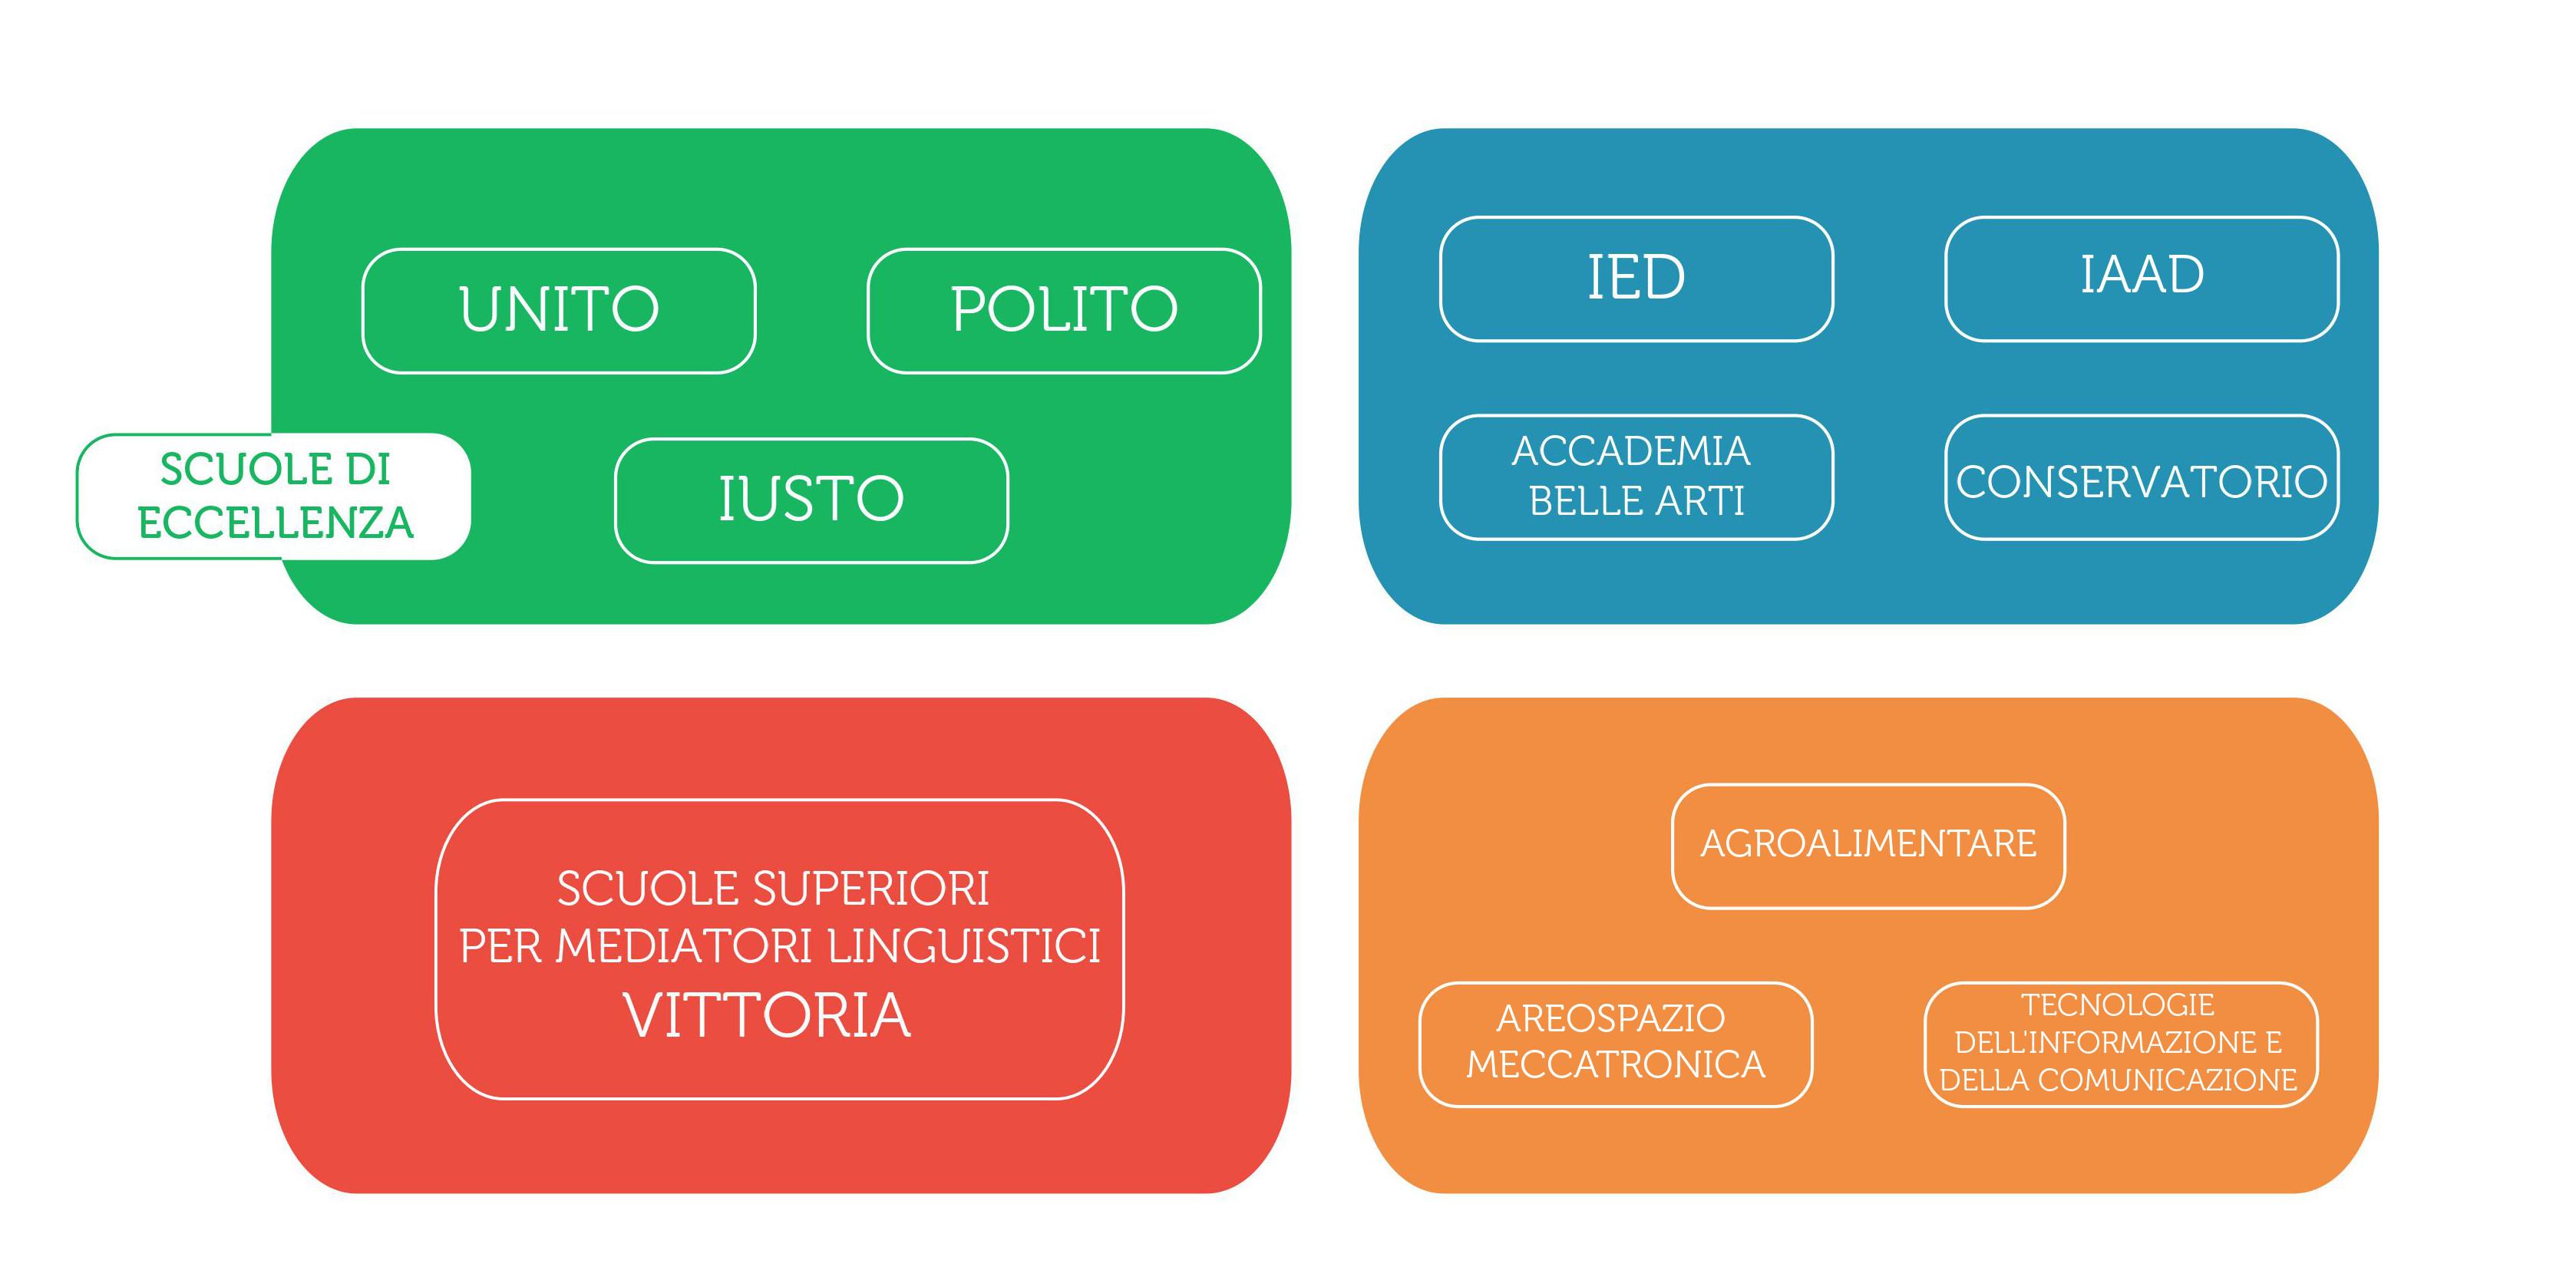 Unito Calendario Didattico.Orientati Study In Torino